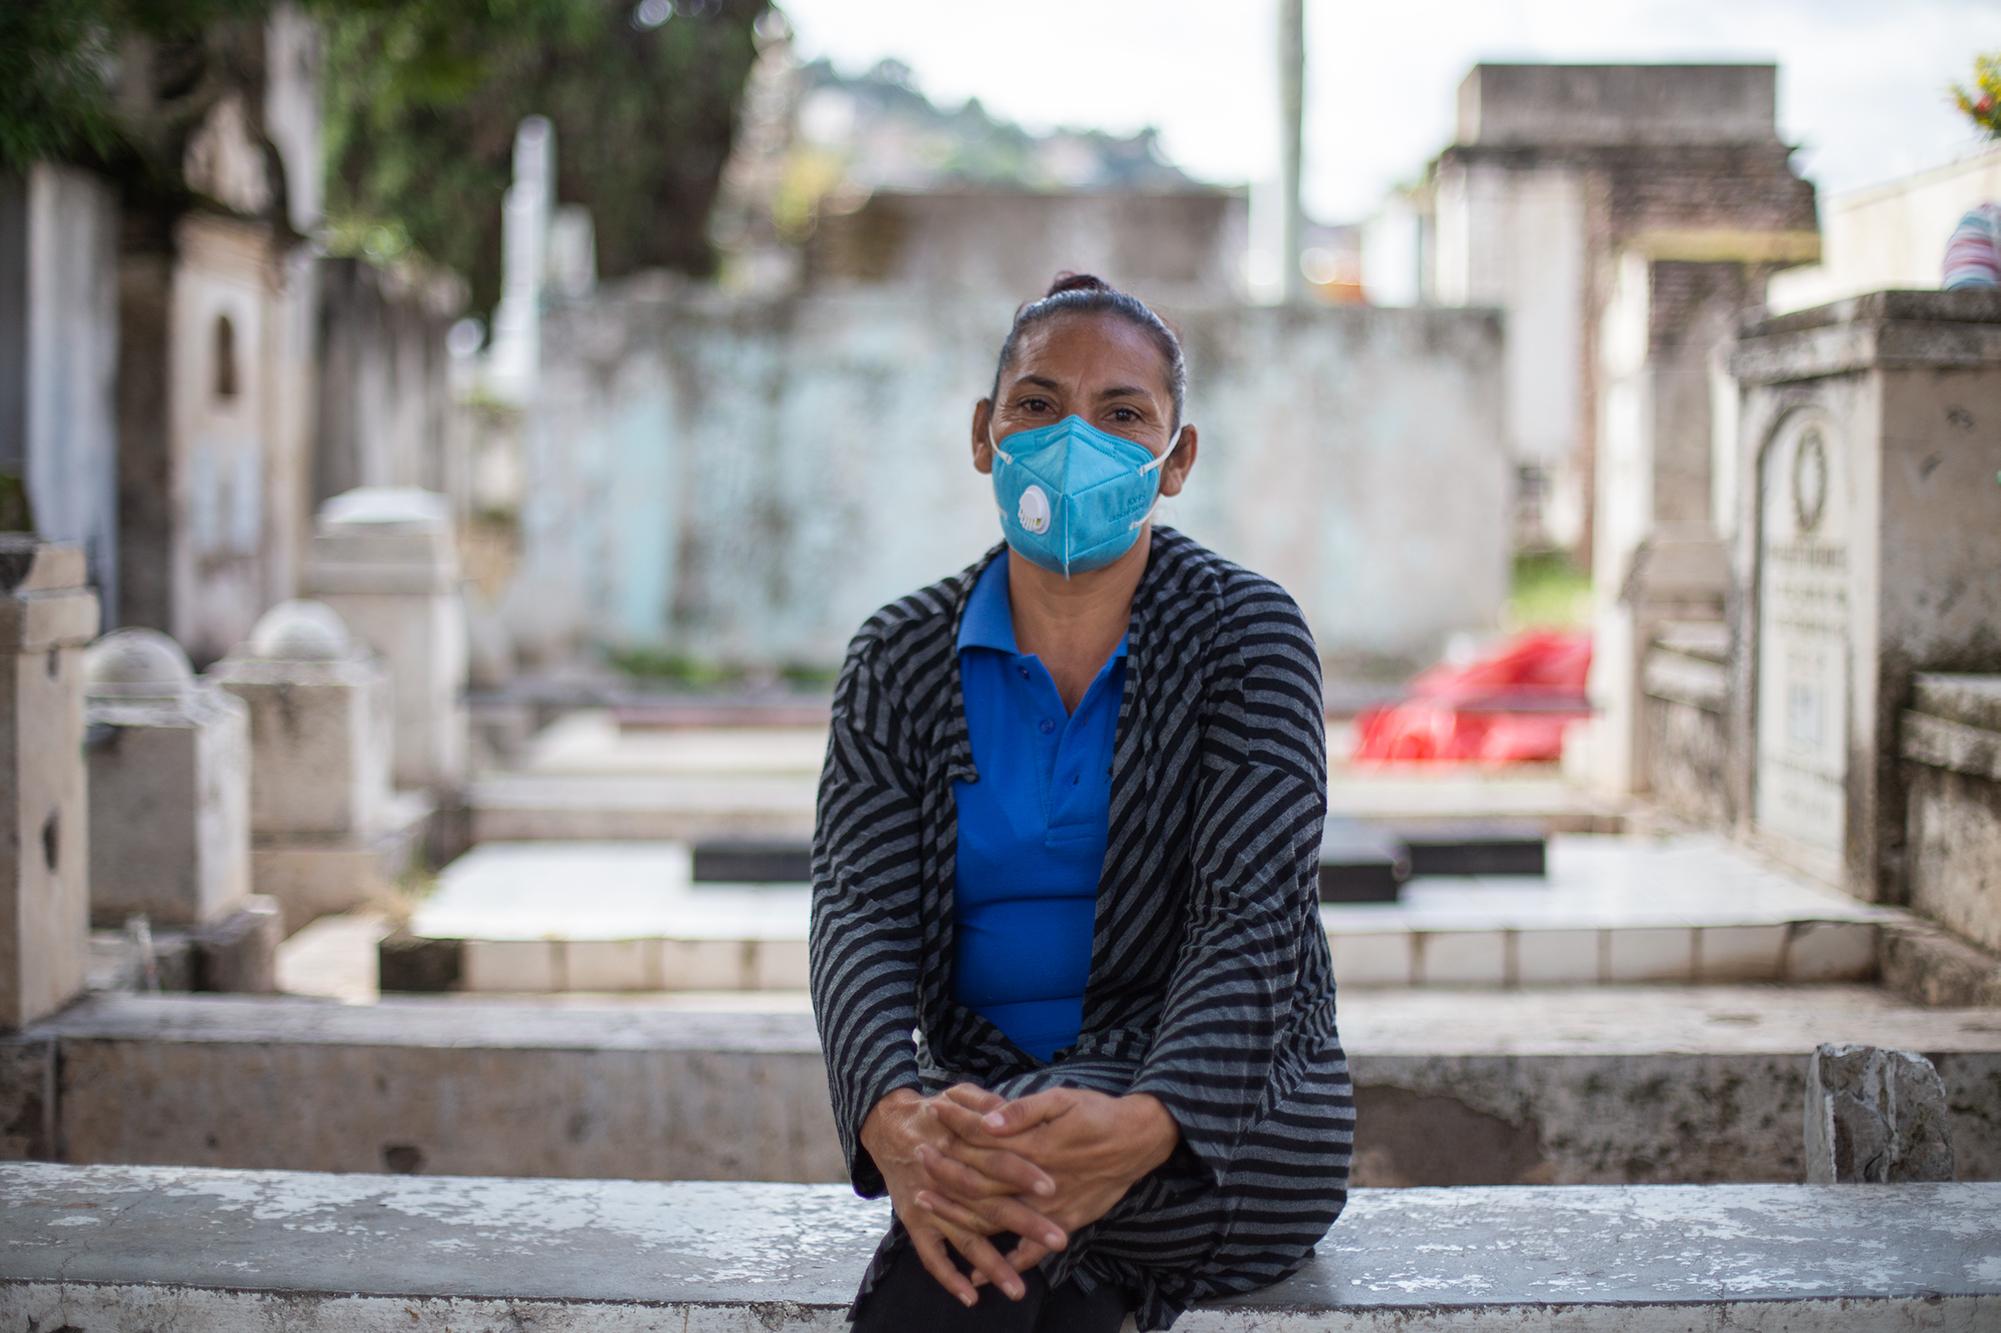 Suyapa Guillén, es retratada sobre una tumba en el Cementerio General de Comayagüela, esta microempresaria de chapeo trabaja como subcontratista para la Alcaldía Municipal del Distrito Central. Comayagüela, 2 de noviembre de 2020. Foto: Martín Cálix.